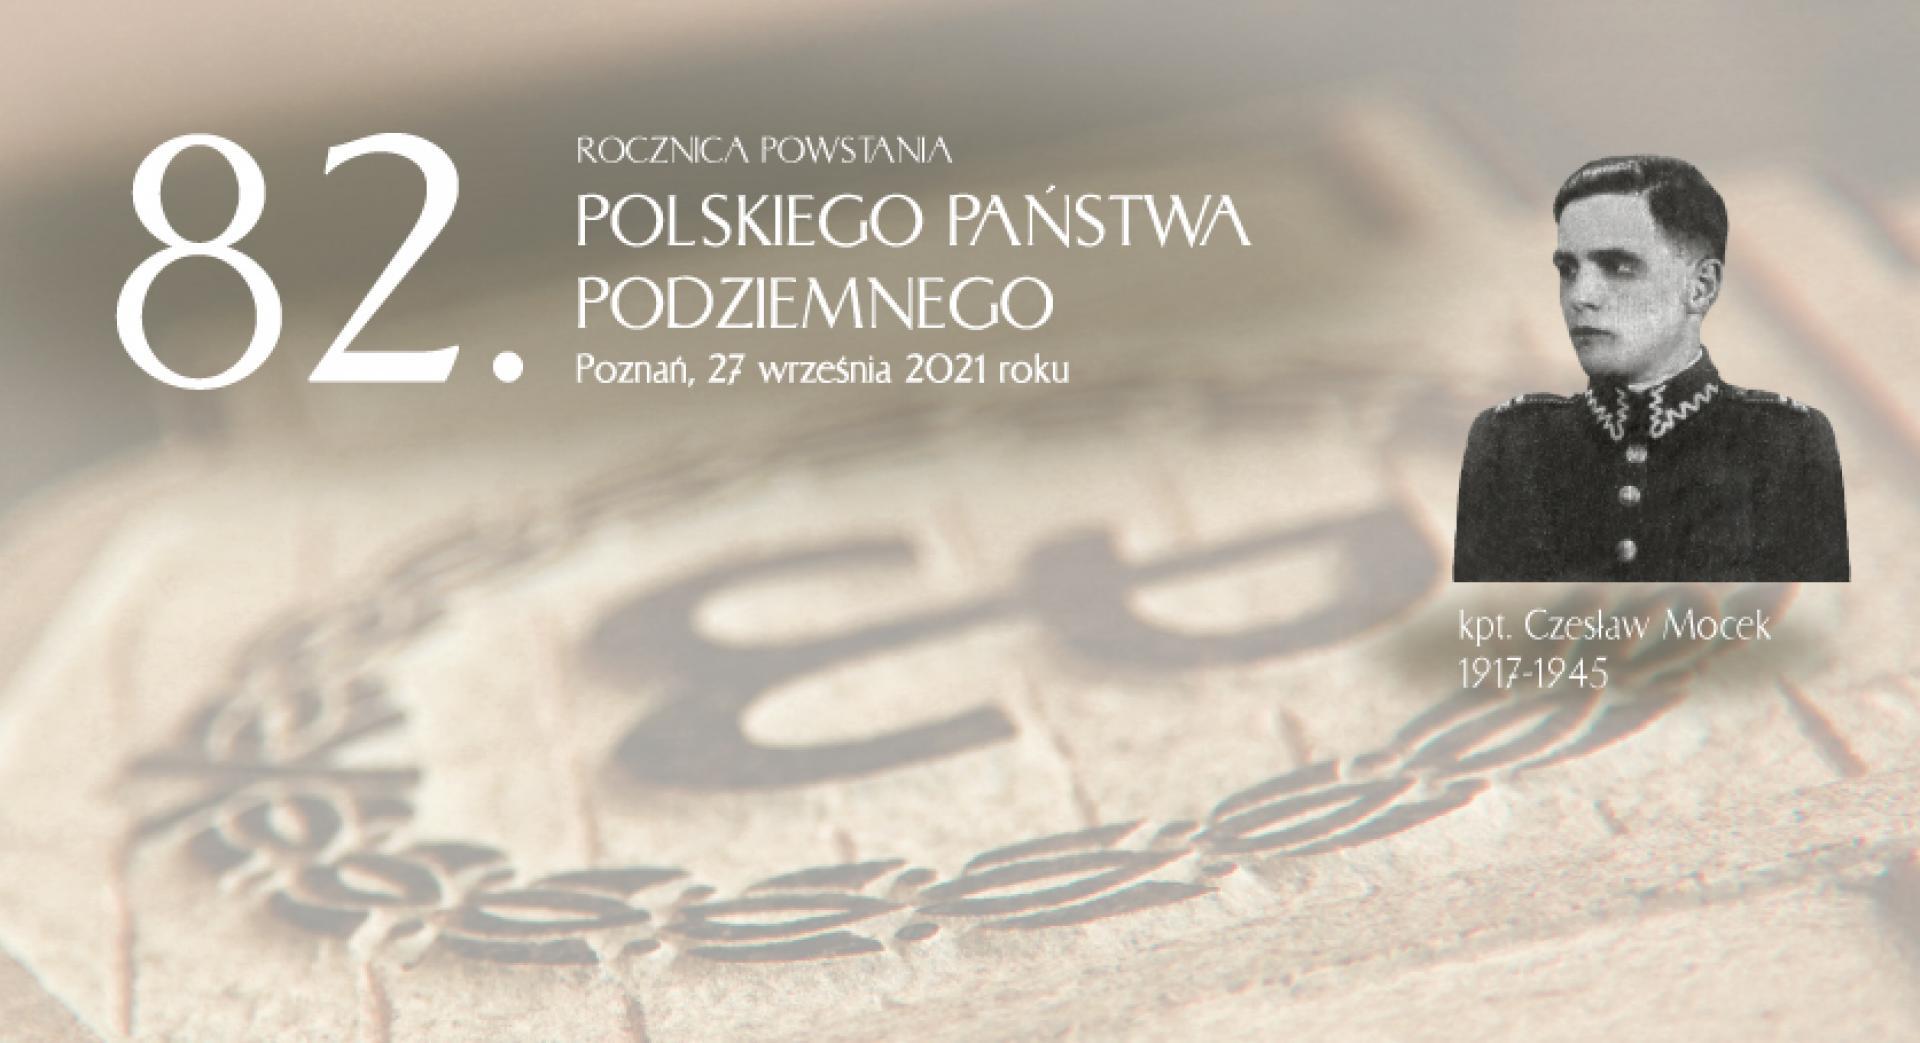 Wspomnienie kapitana Czesława Mocka w 82. rocznicę powstania Polskiego Państwa Podziemnego. - zobacz więcej